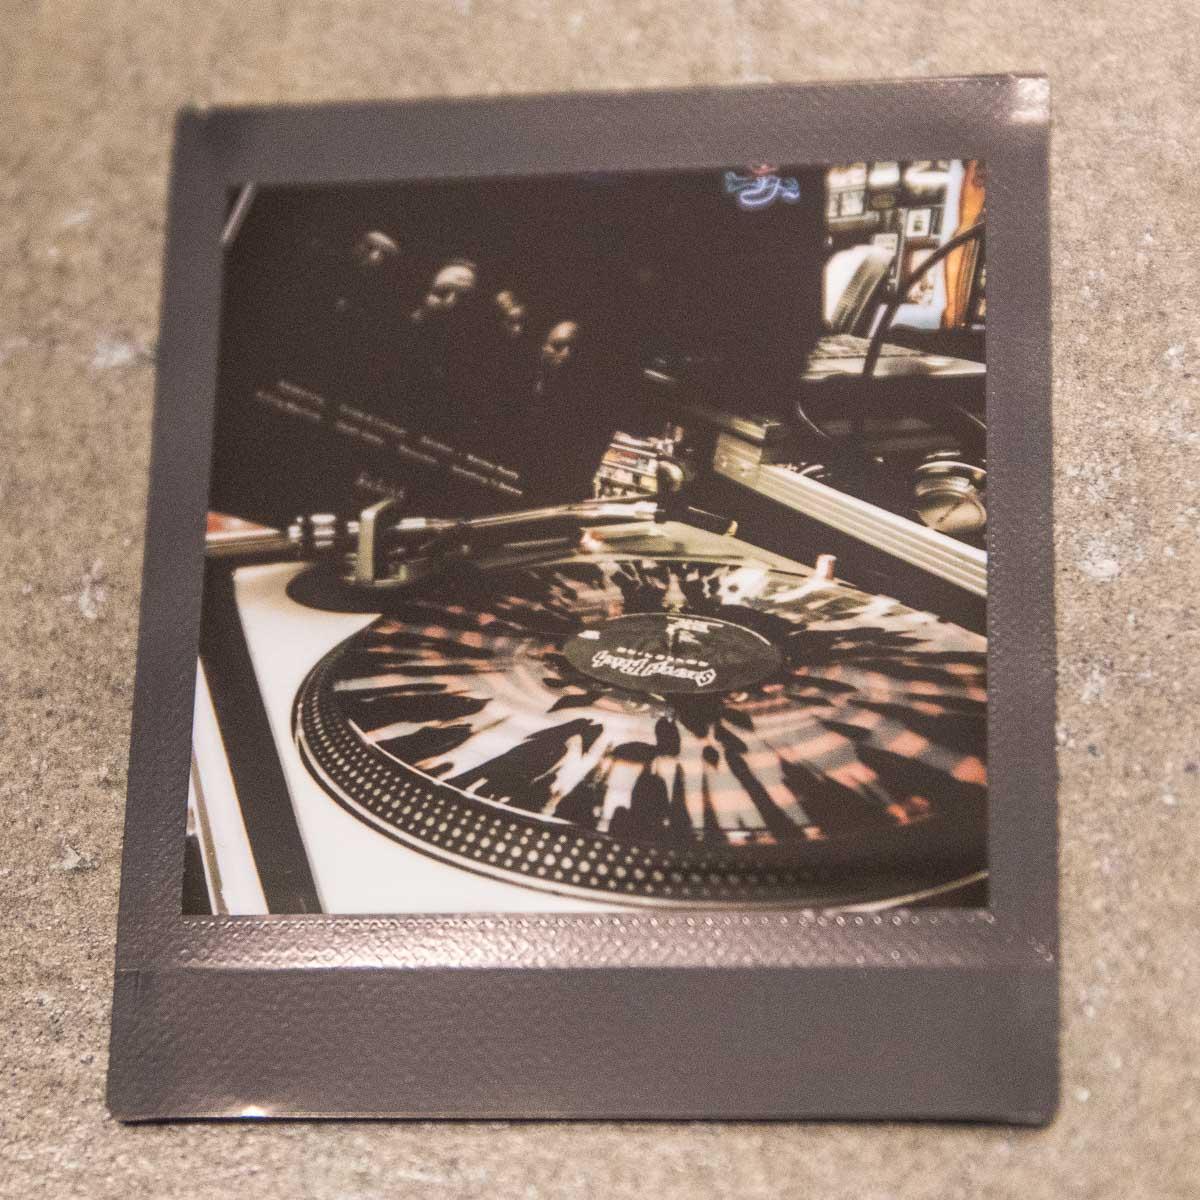 Sacred Reich, Awakening, splatter vinyl